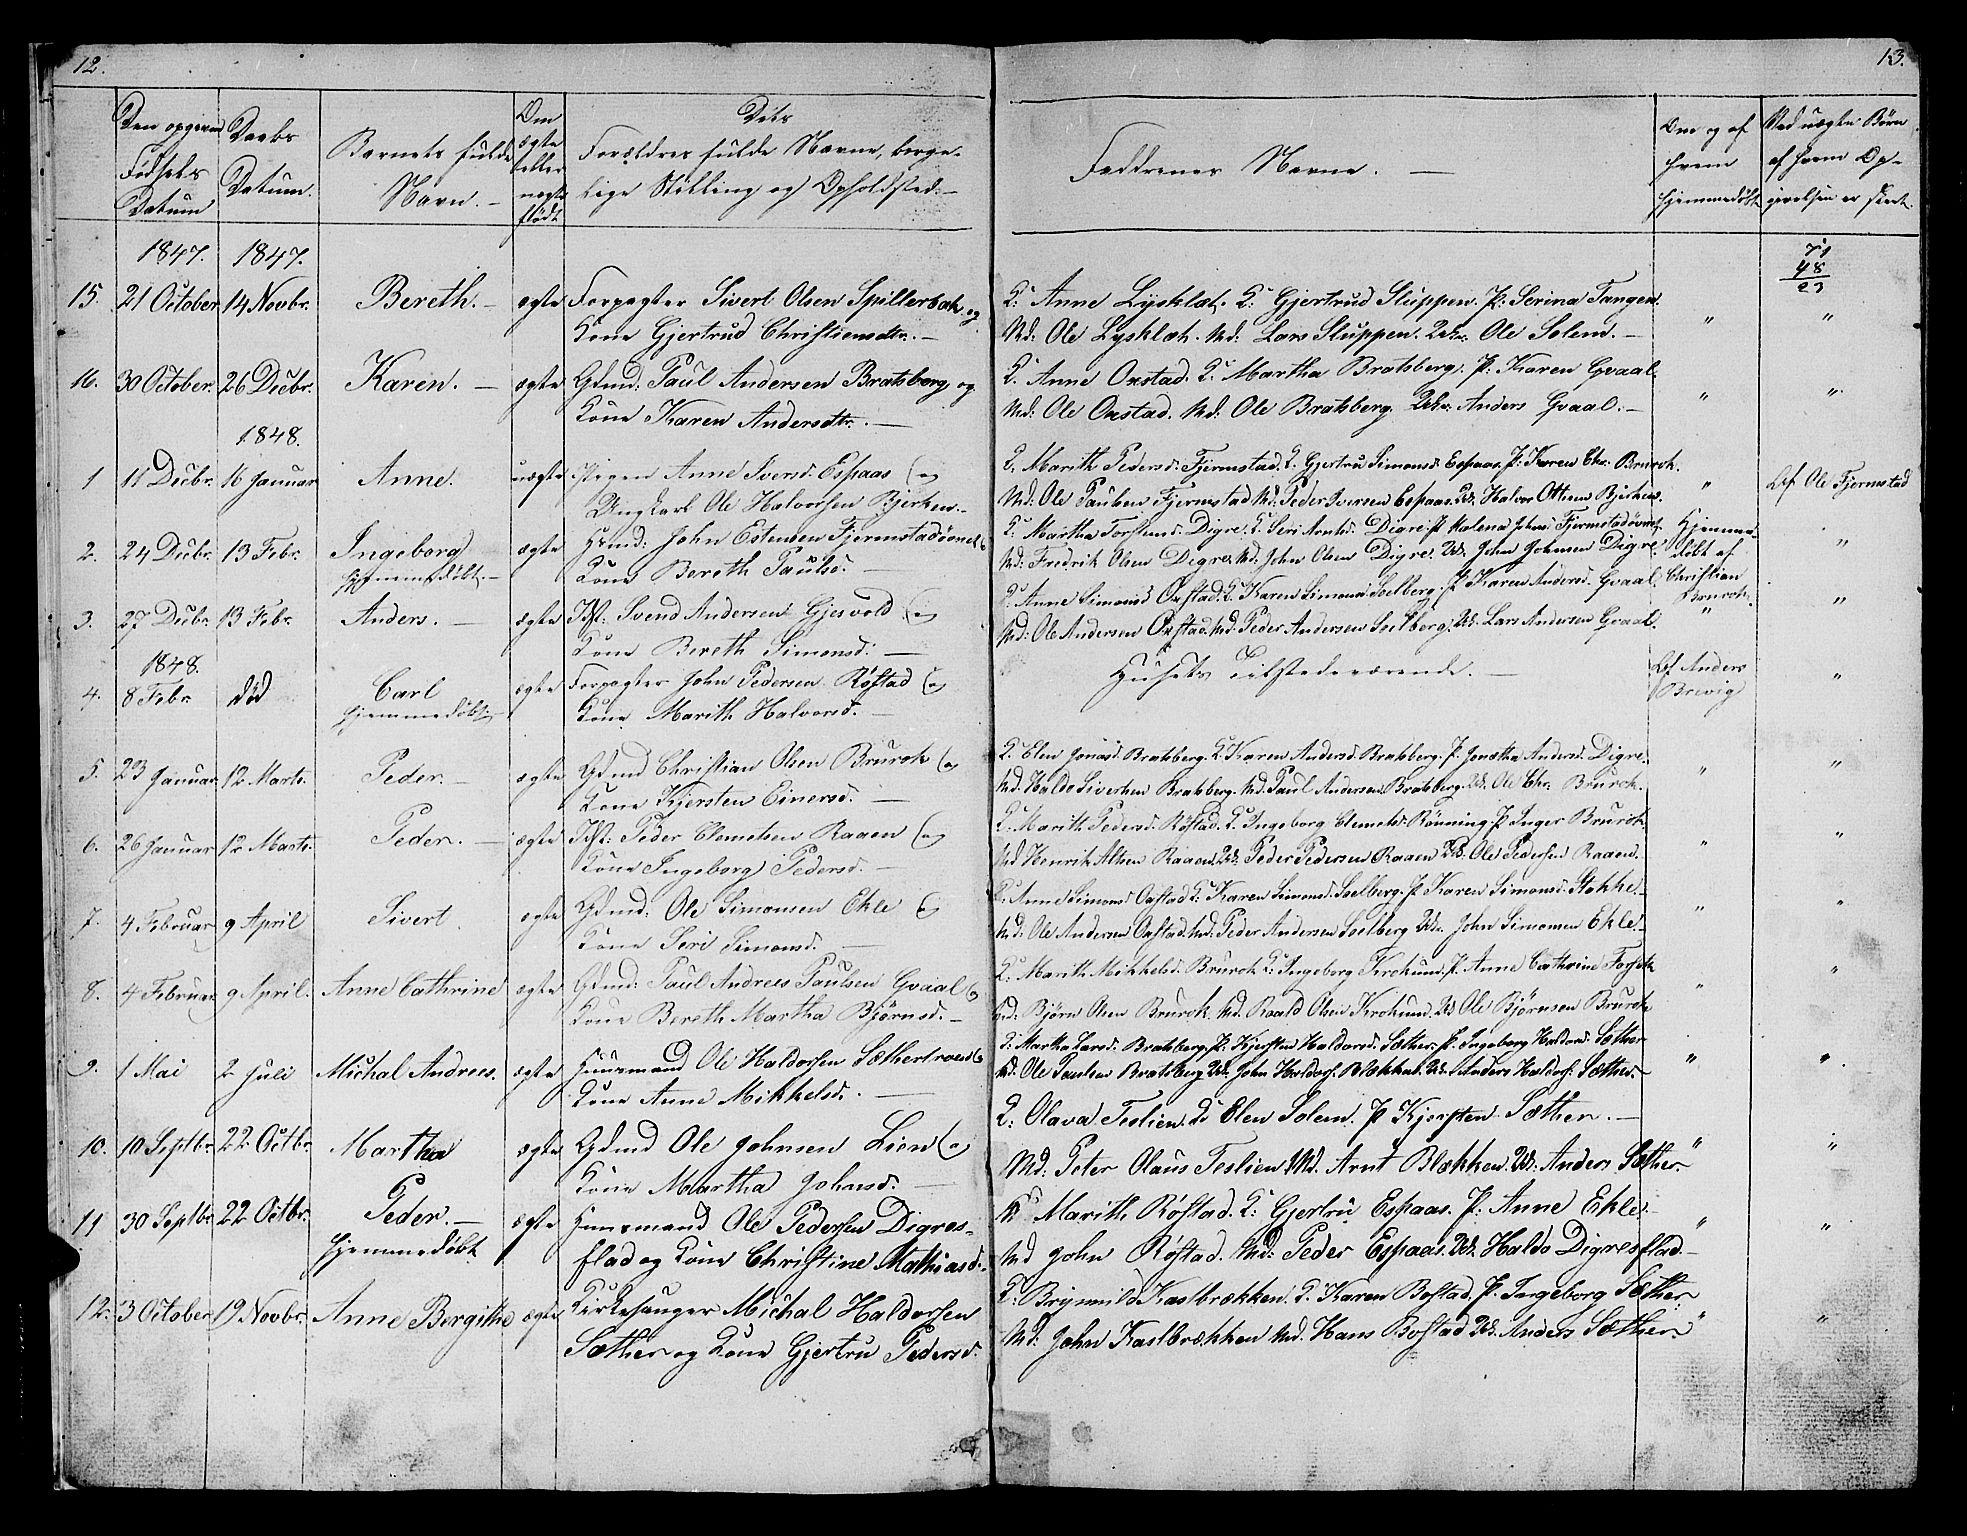 SAT, Ministerialprotokoller, klokkerbøker og fødselsregistre - Sør-Trøndelag, 608/L0339: Klokkerbok nr. 608C05, 1844-1863, s. 12-13